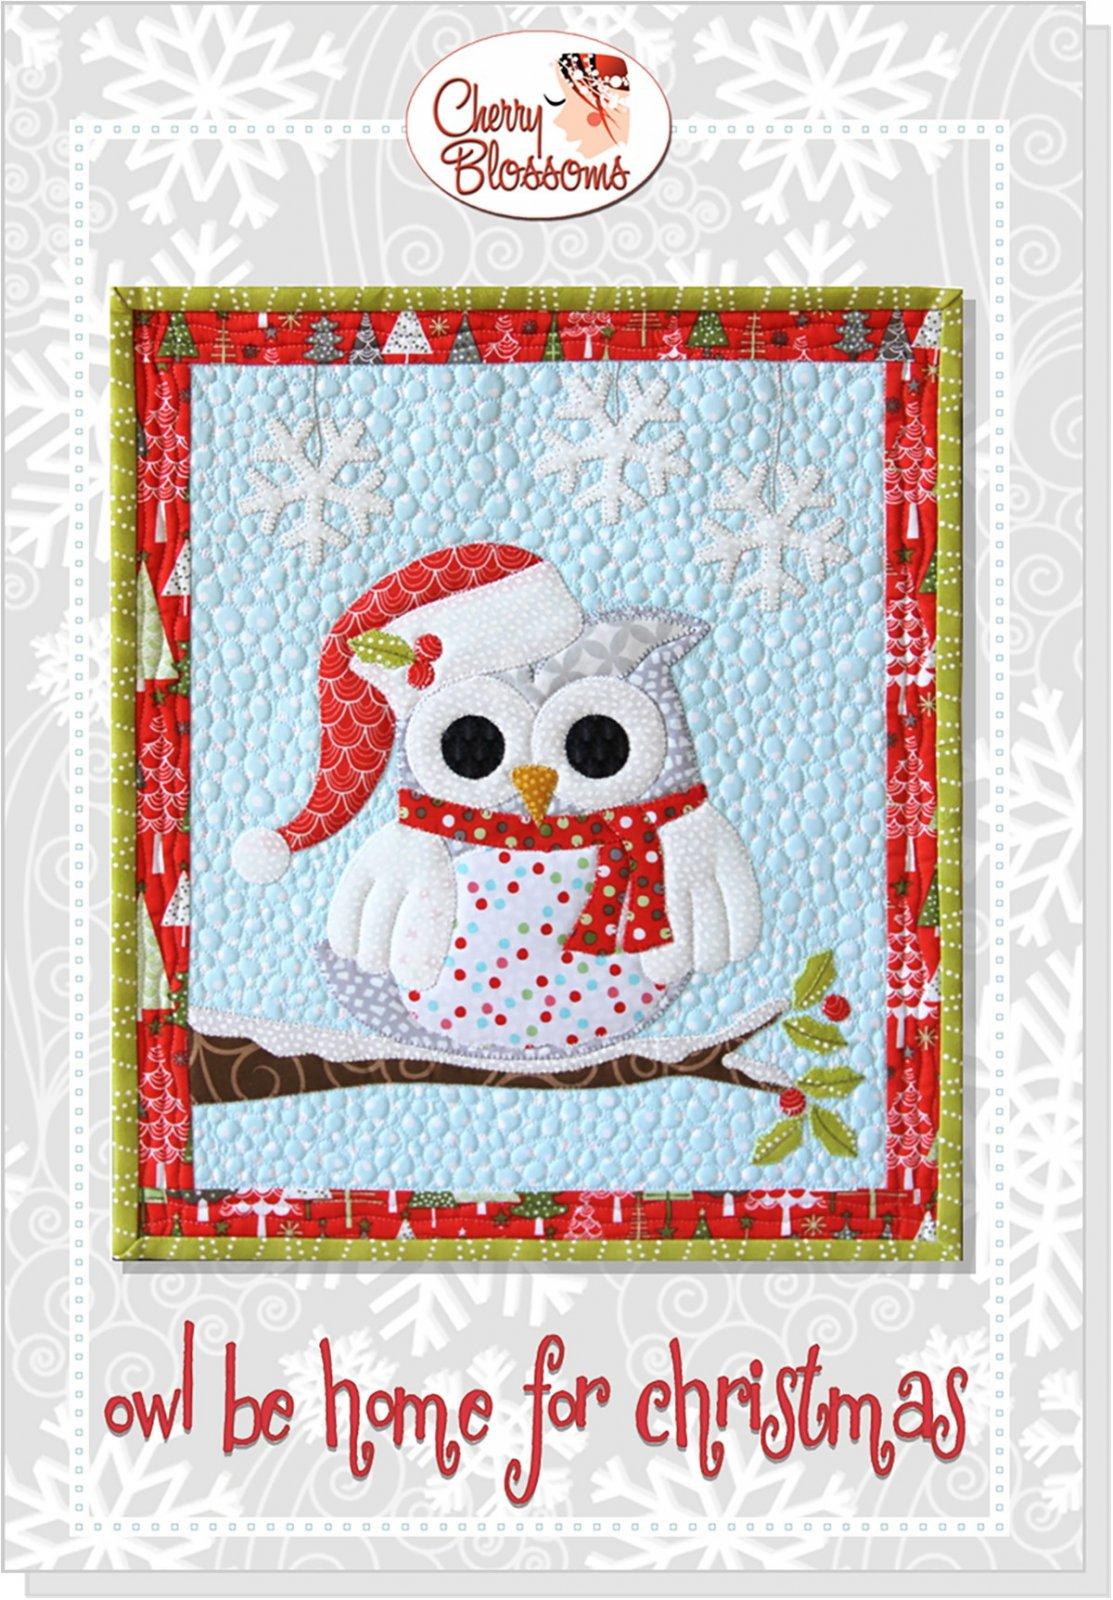 Owl be home for Christmas